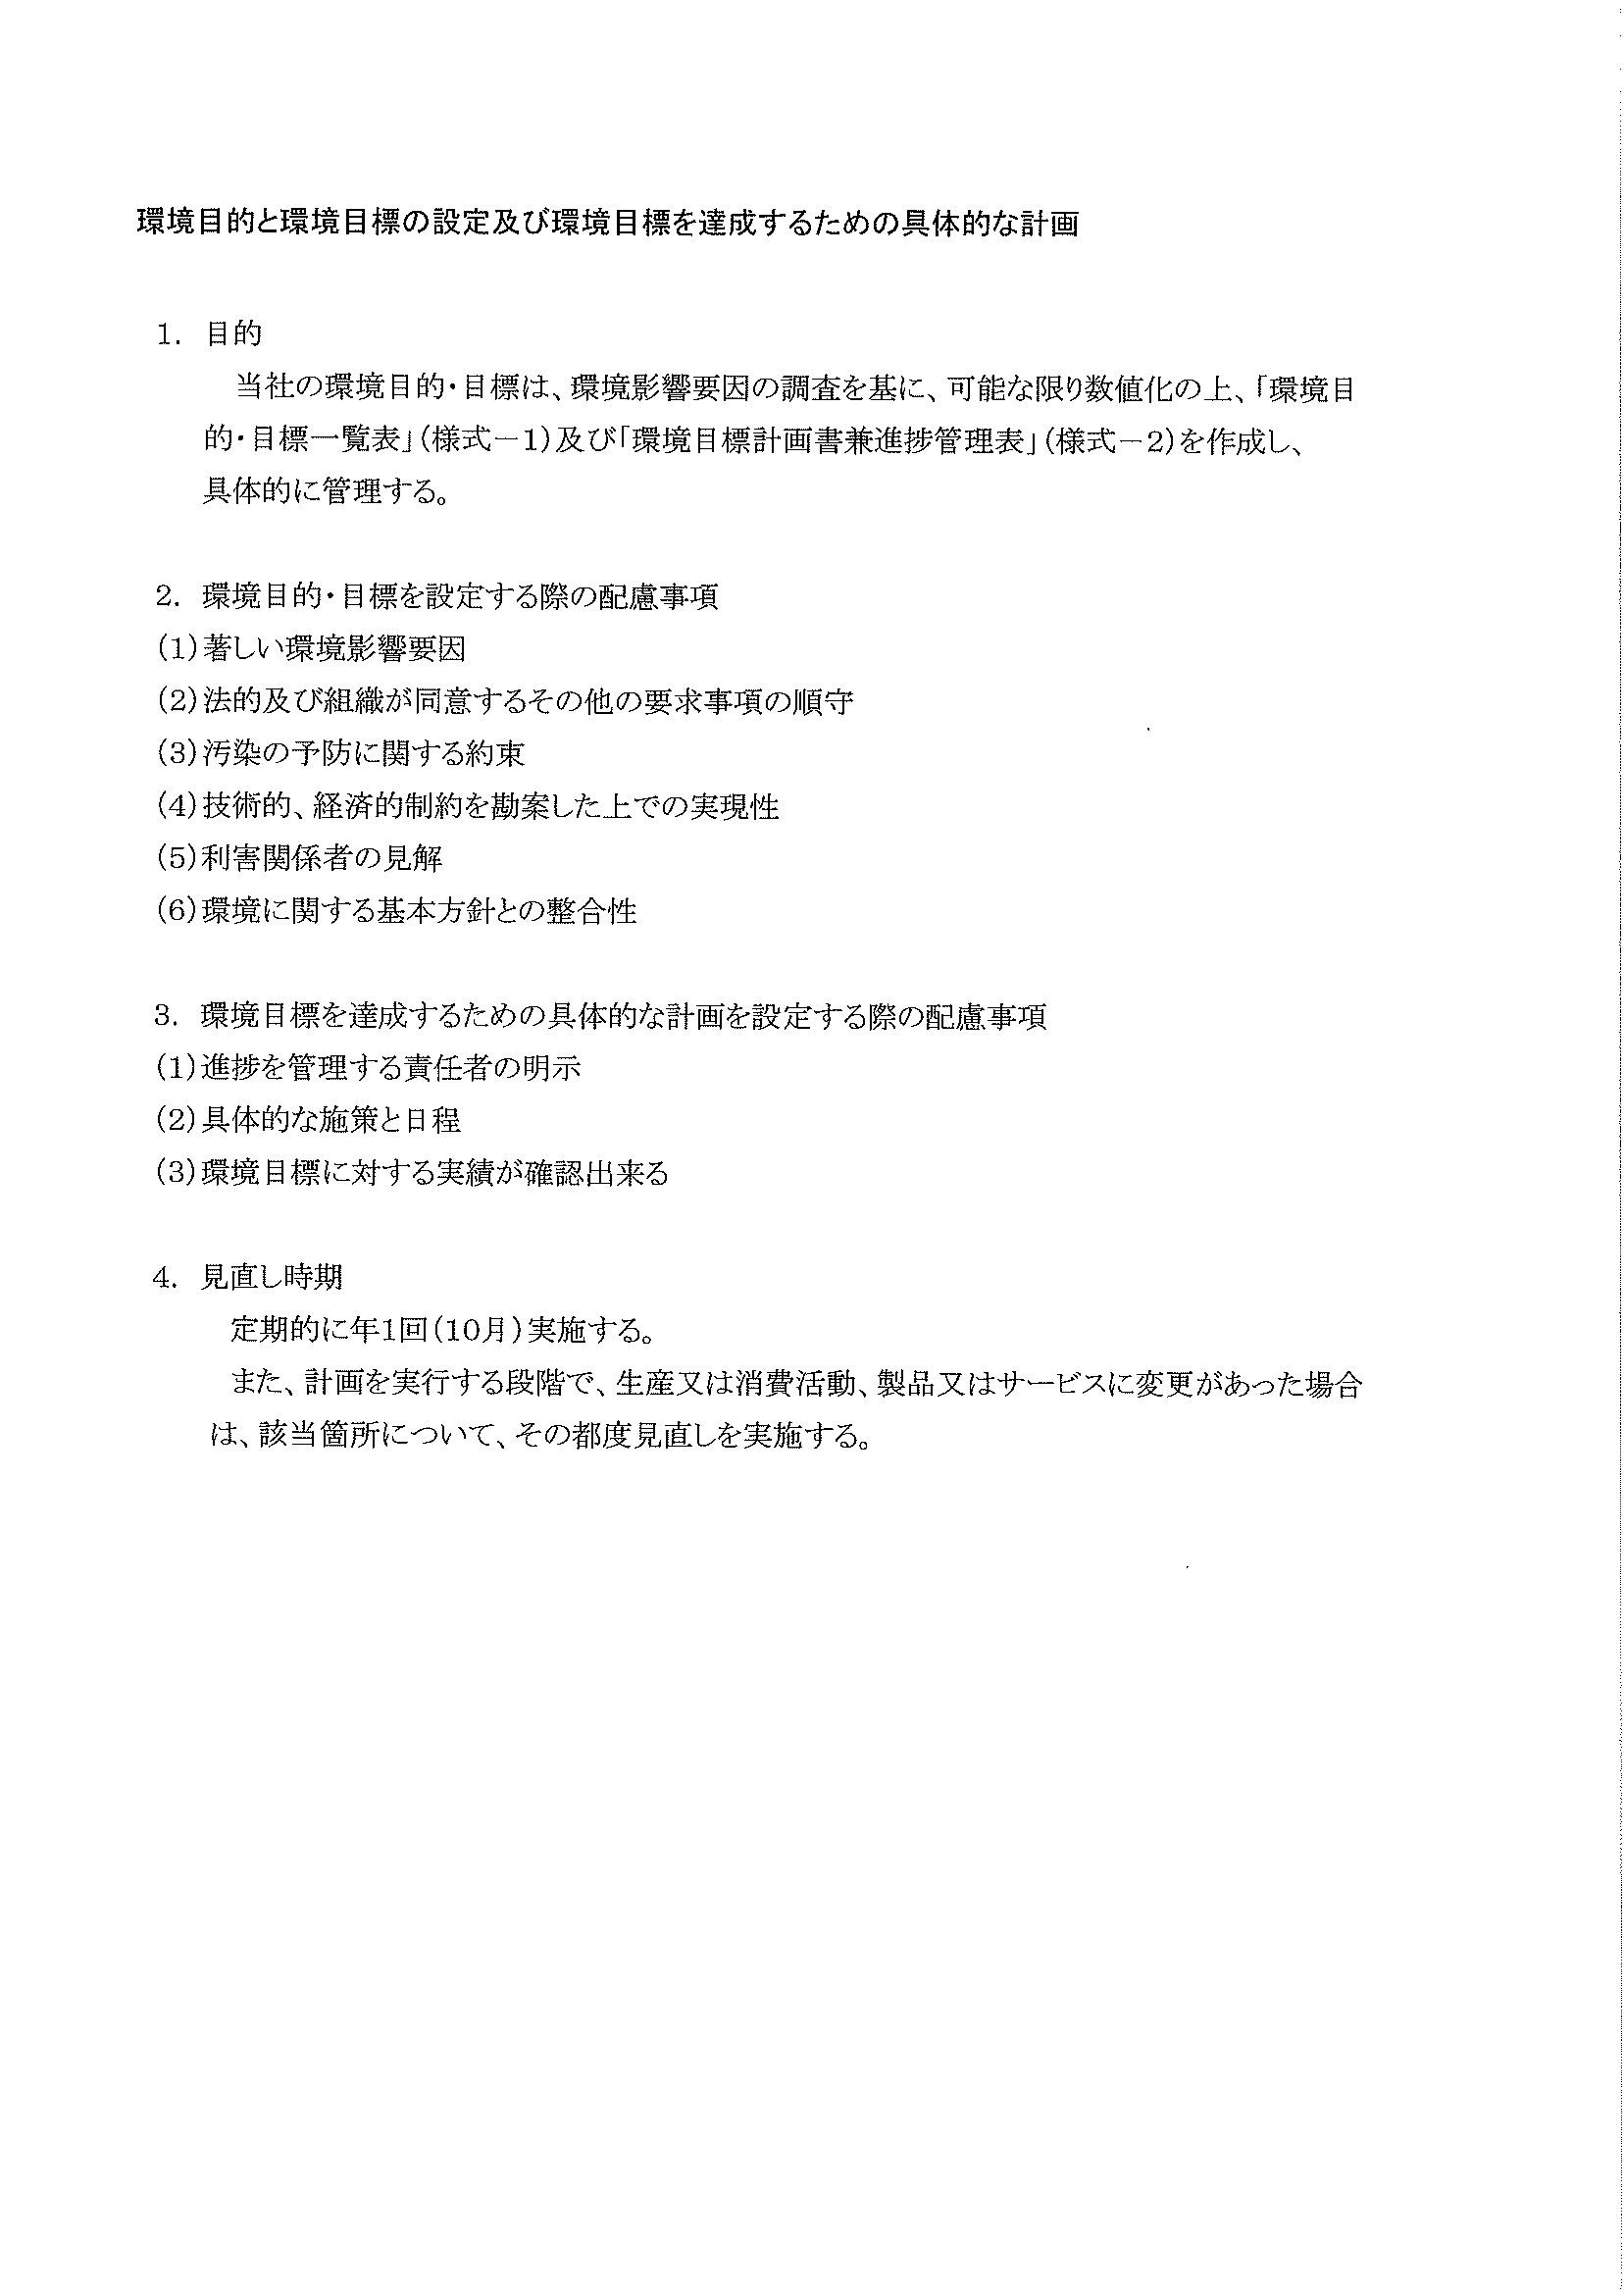 ファイル 22-4.jpg